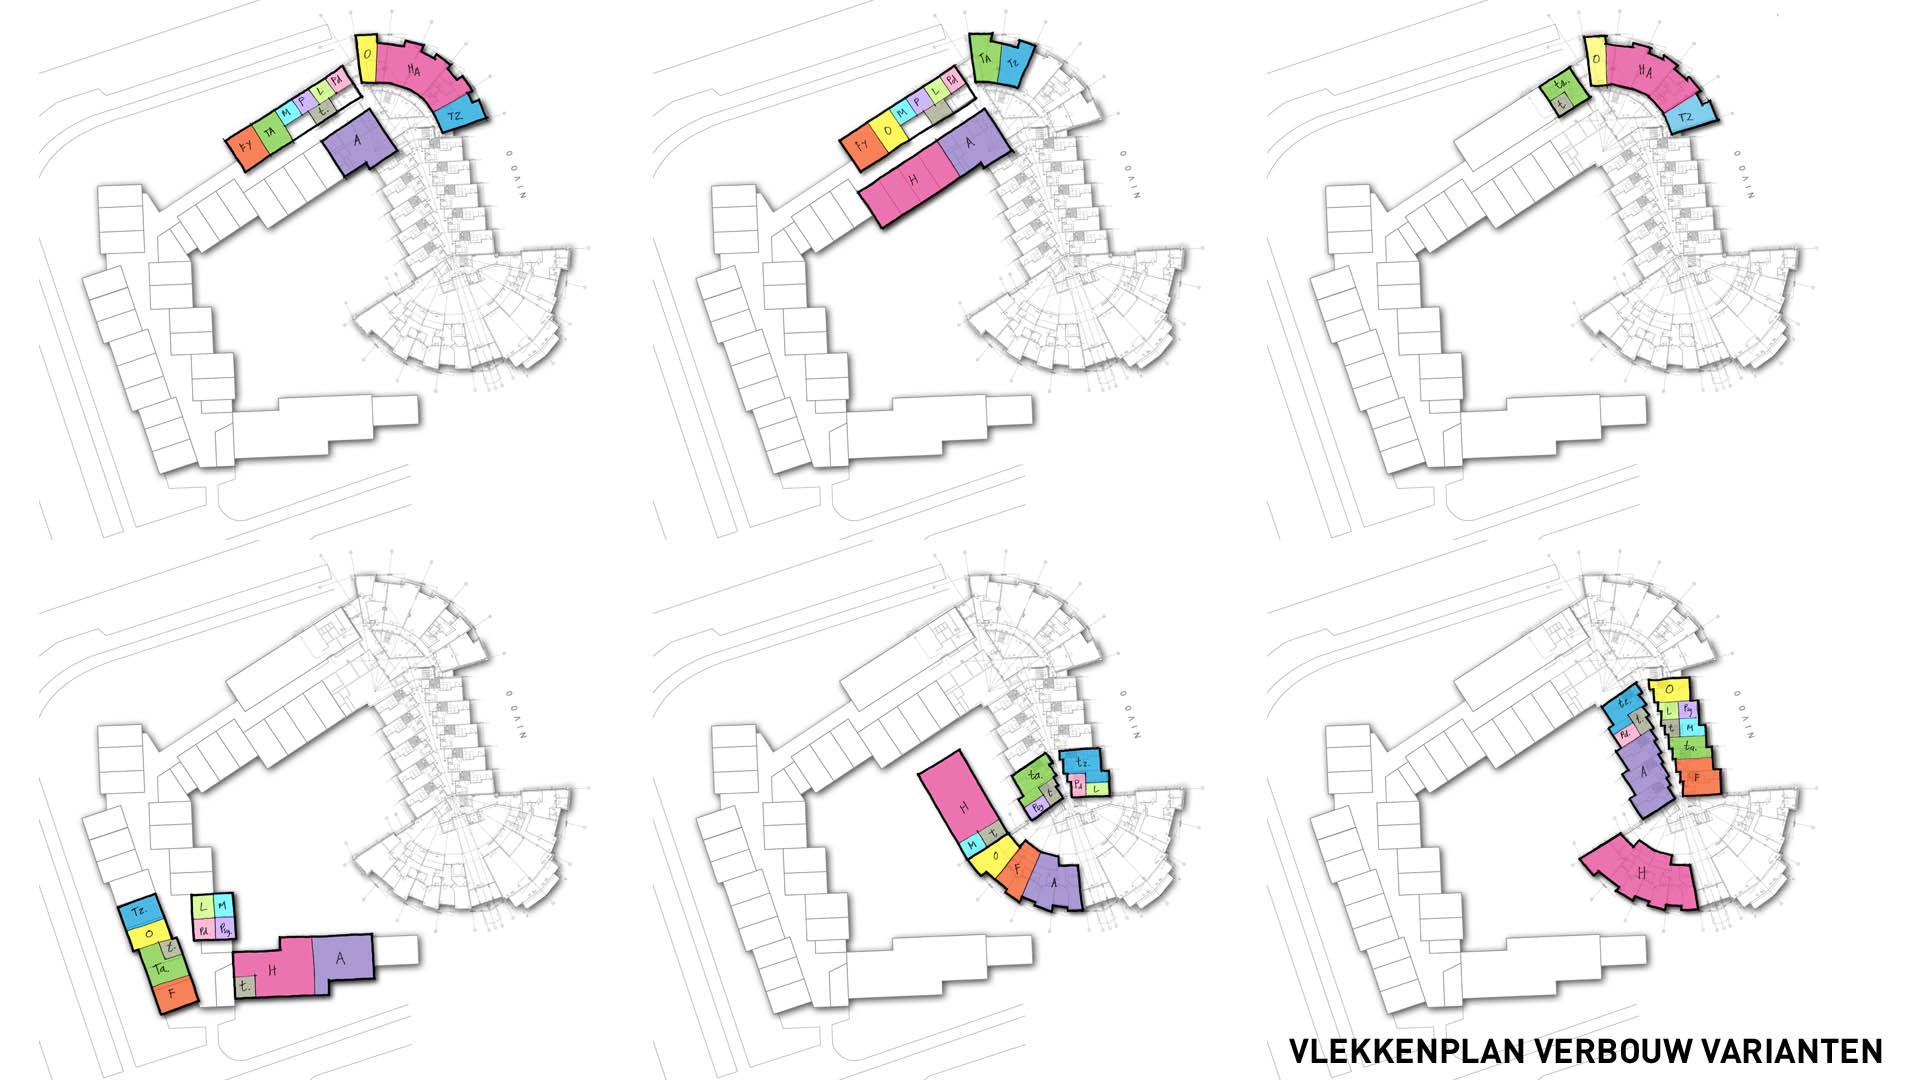 Gezondheidscentrum De Schooten vlekkenplan varianten